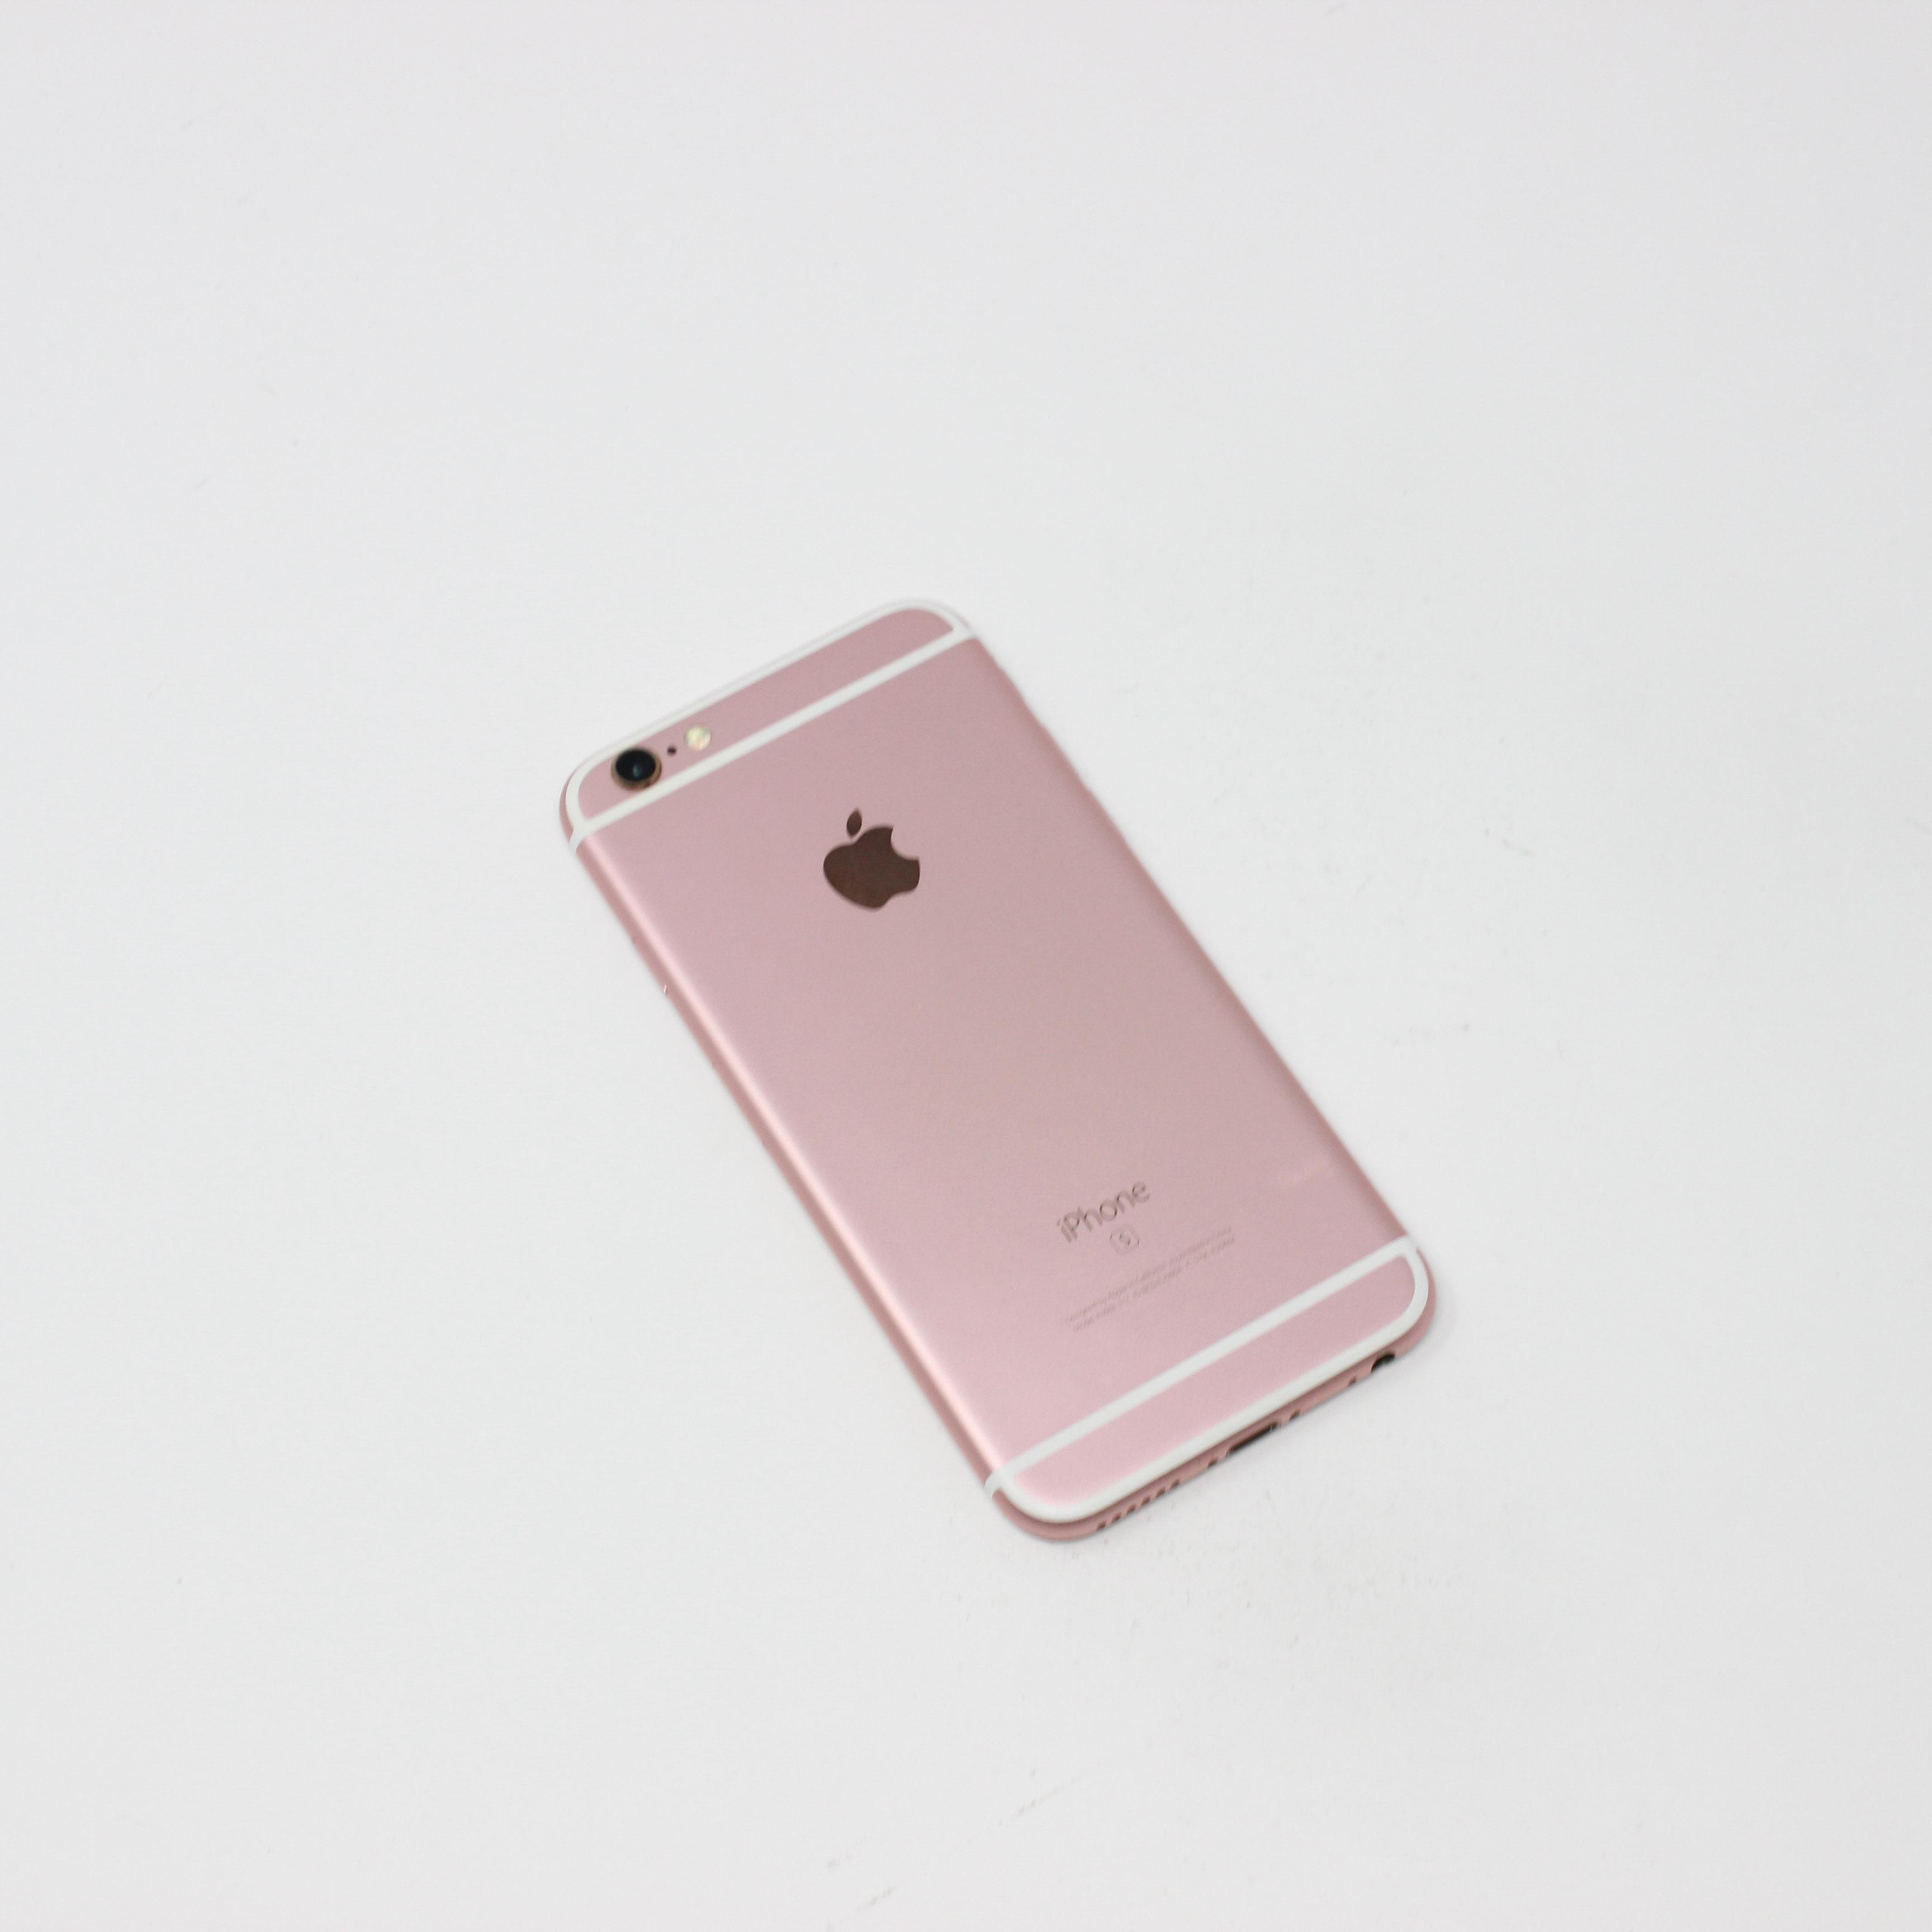 iPhone 6S 32GB Rose Gold - Sprint photo 3 | UpTradeit.com